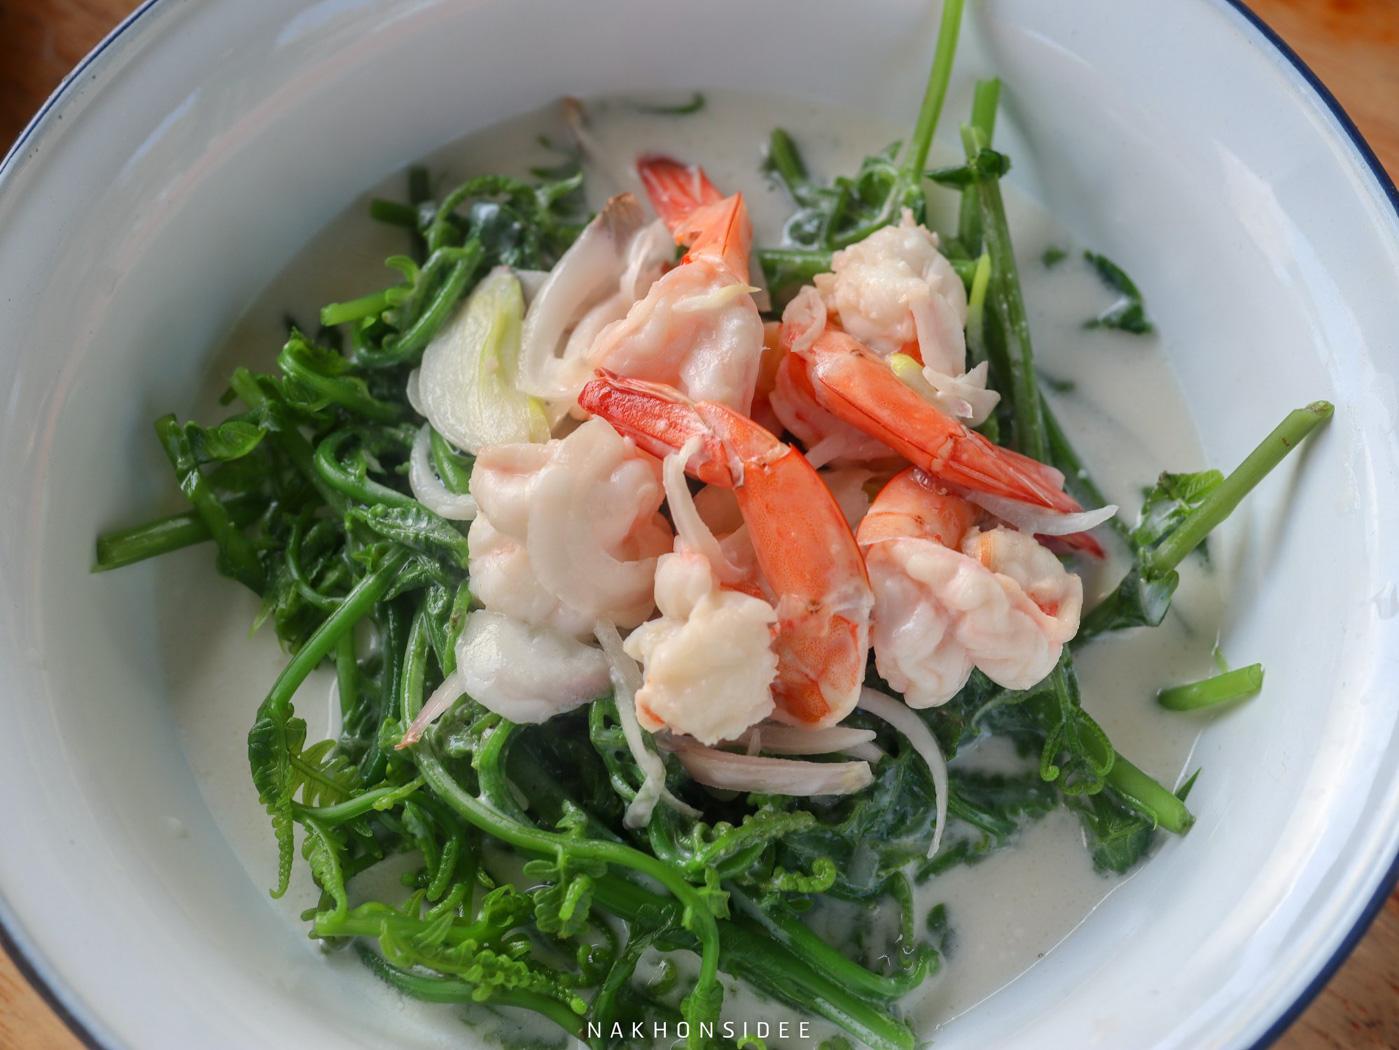 ยำผักกูดกุ้งคืออร่อยยยย ท่าศาลา,ที่เที่ยว,จุดเช็คอิน,ที่พัก,ของกิน,อร่อย,เด็ด